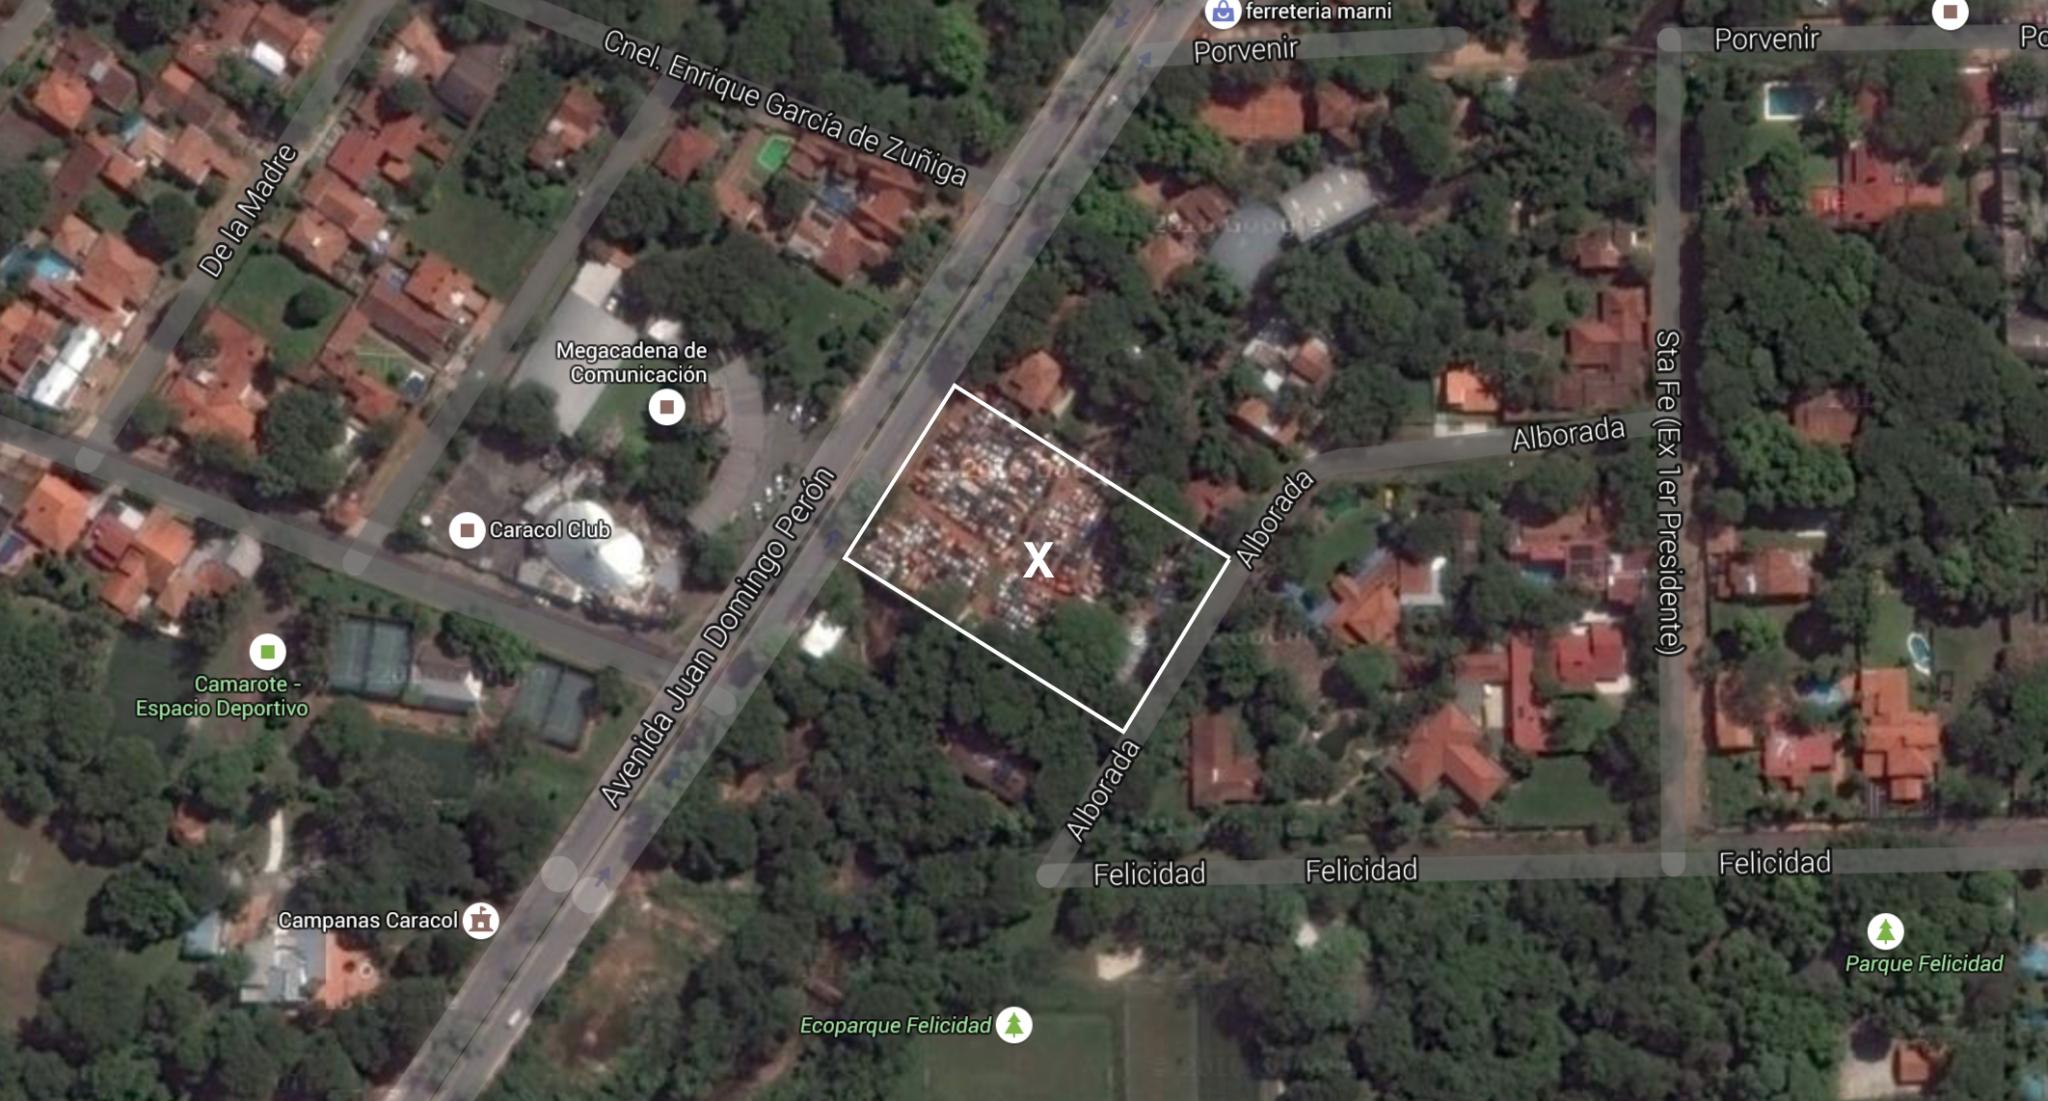 Terreno De 4.800 M2 S/ Av. Peron - Frente A Radio 1ero Marzo